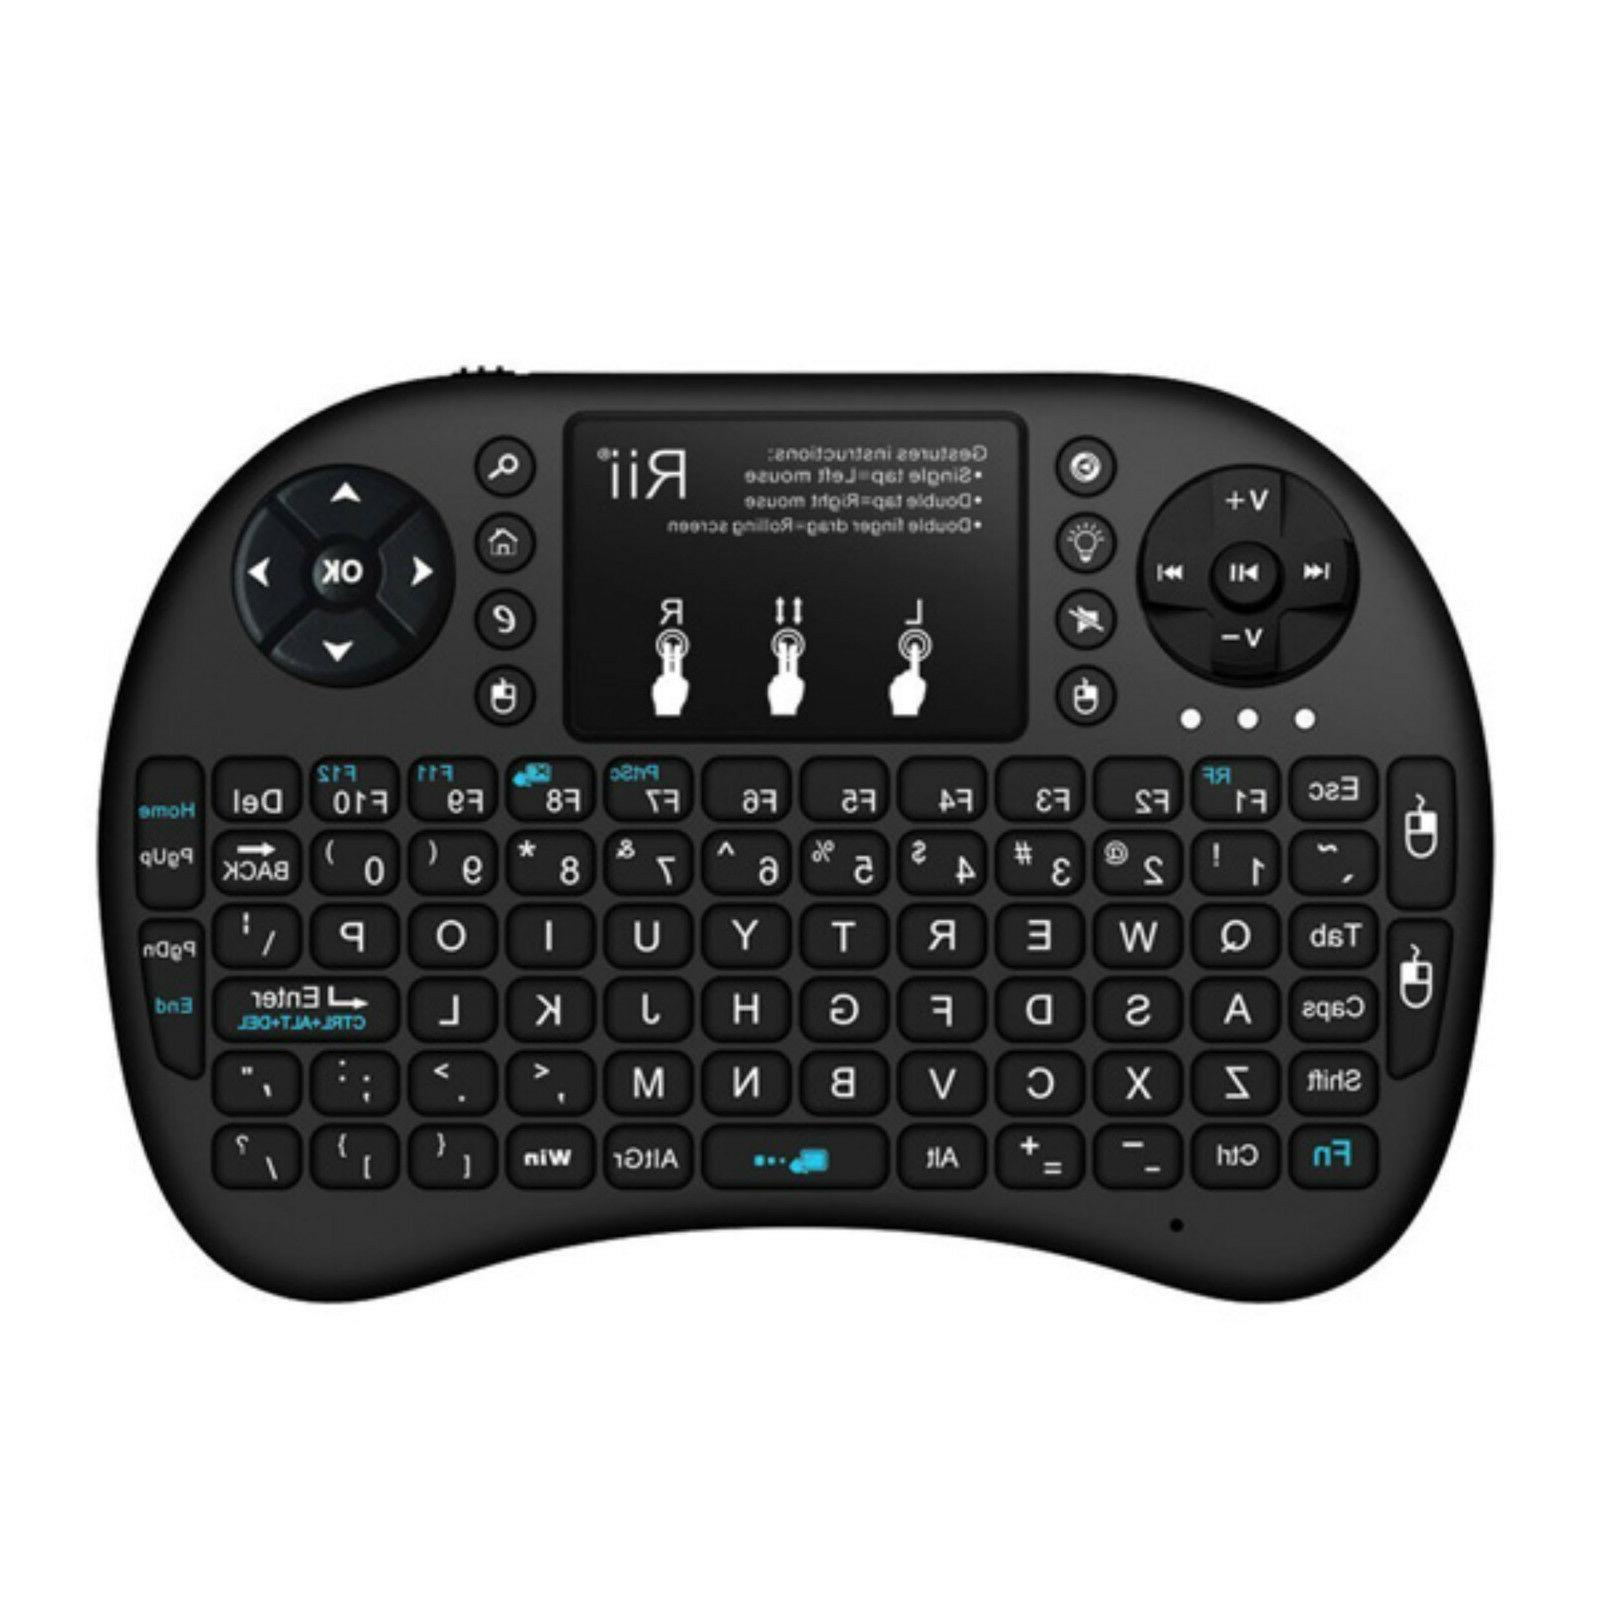 Original Rii Mini i8+ Keyboard Smart TV